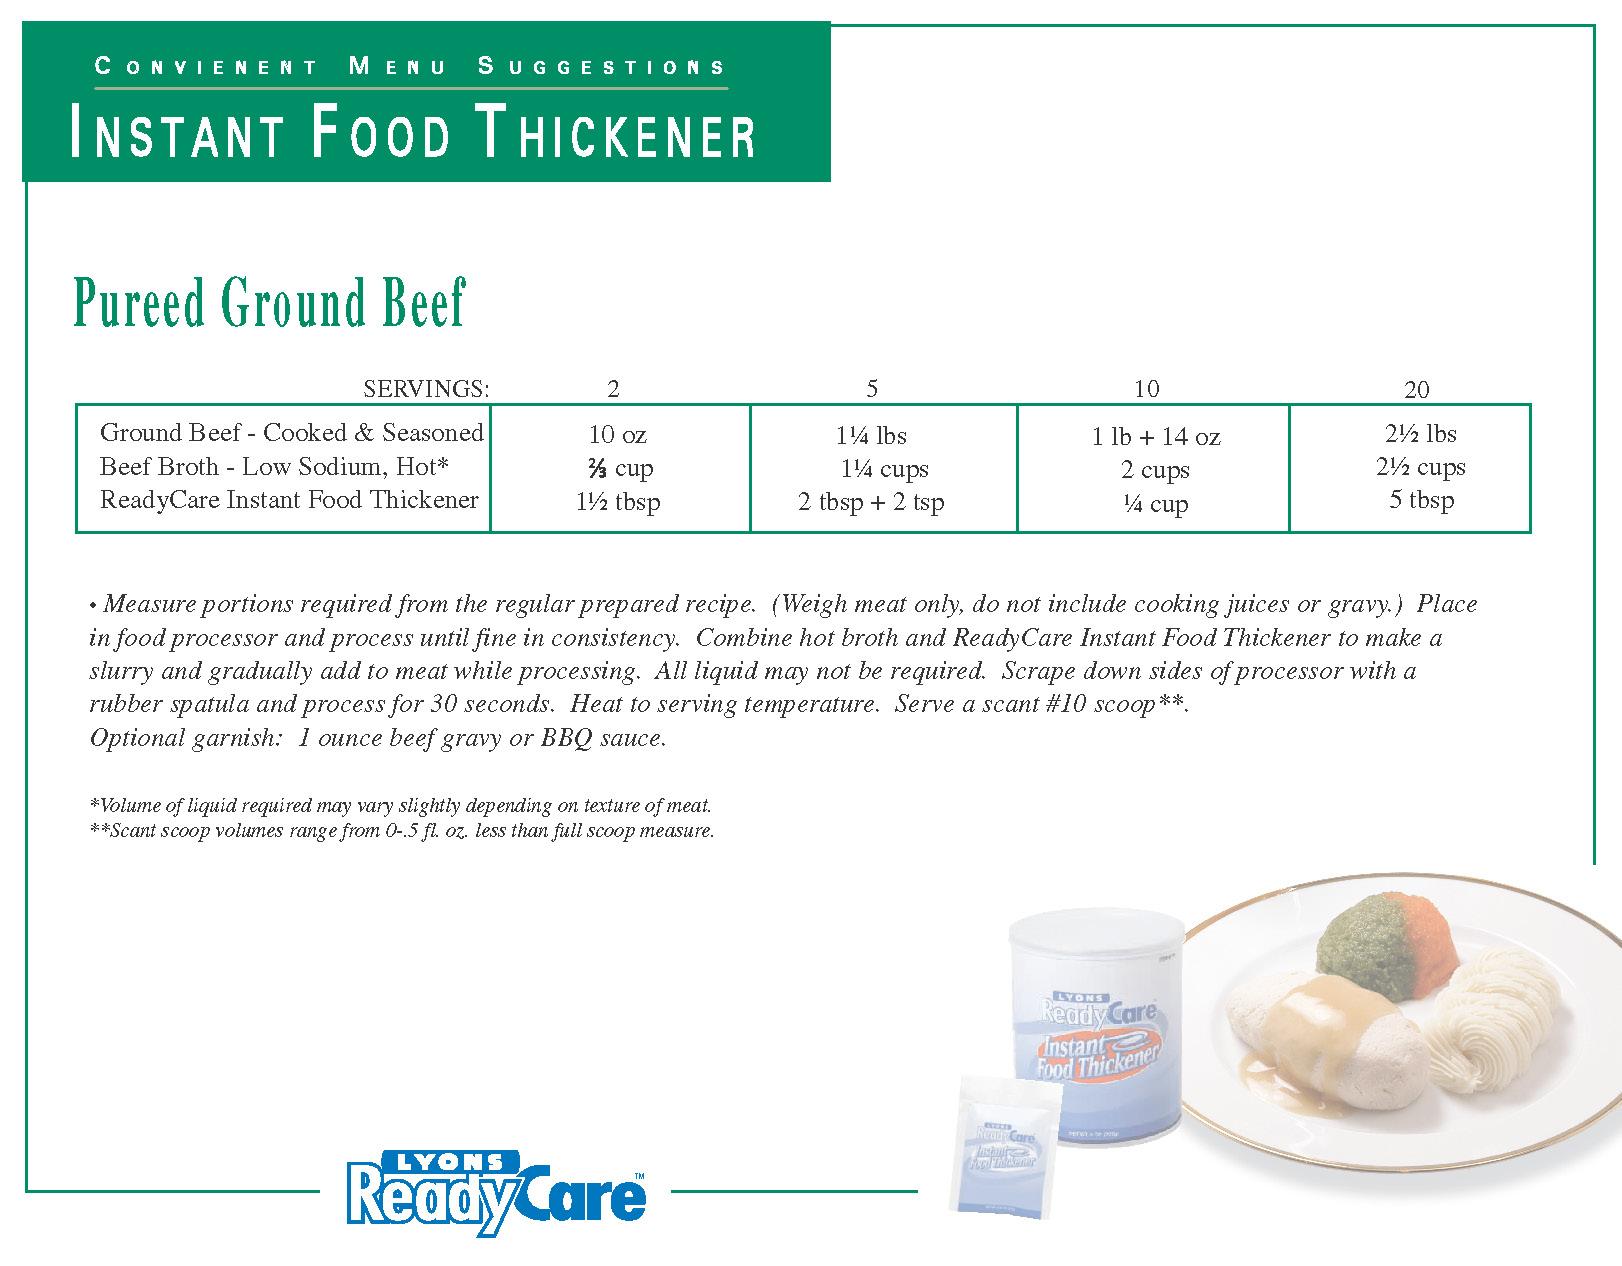 Pureed Ground Beef